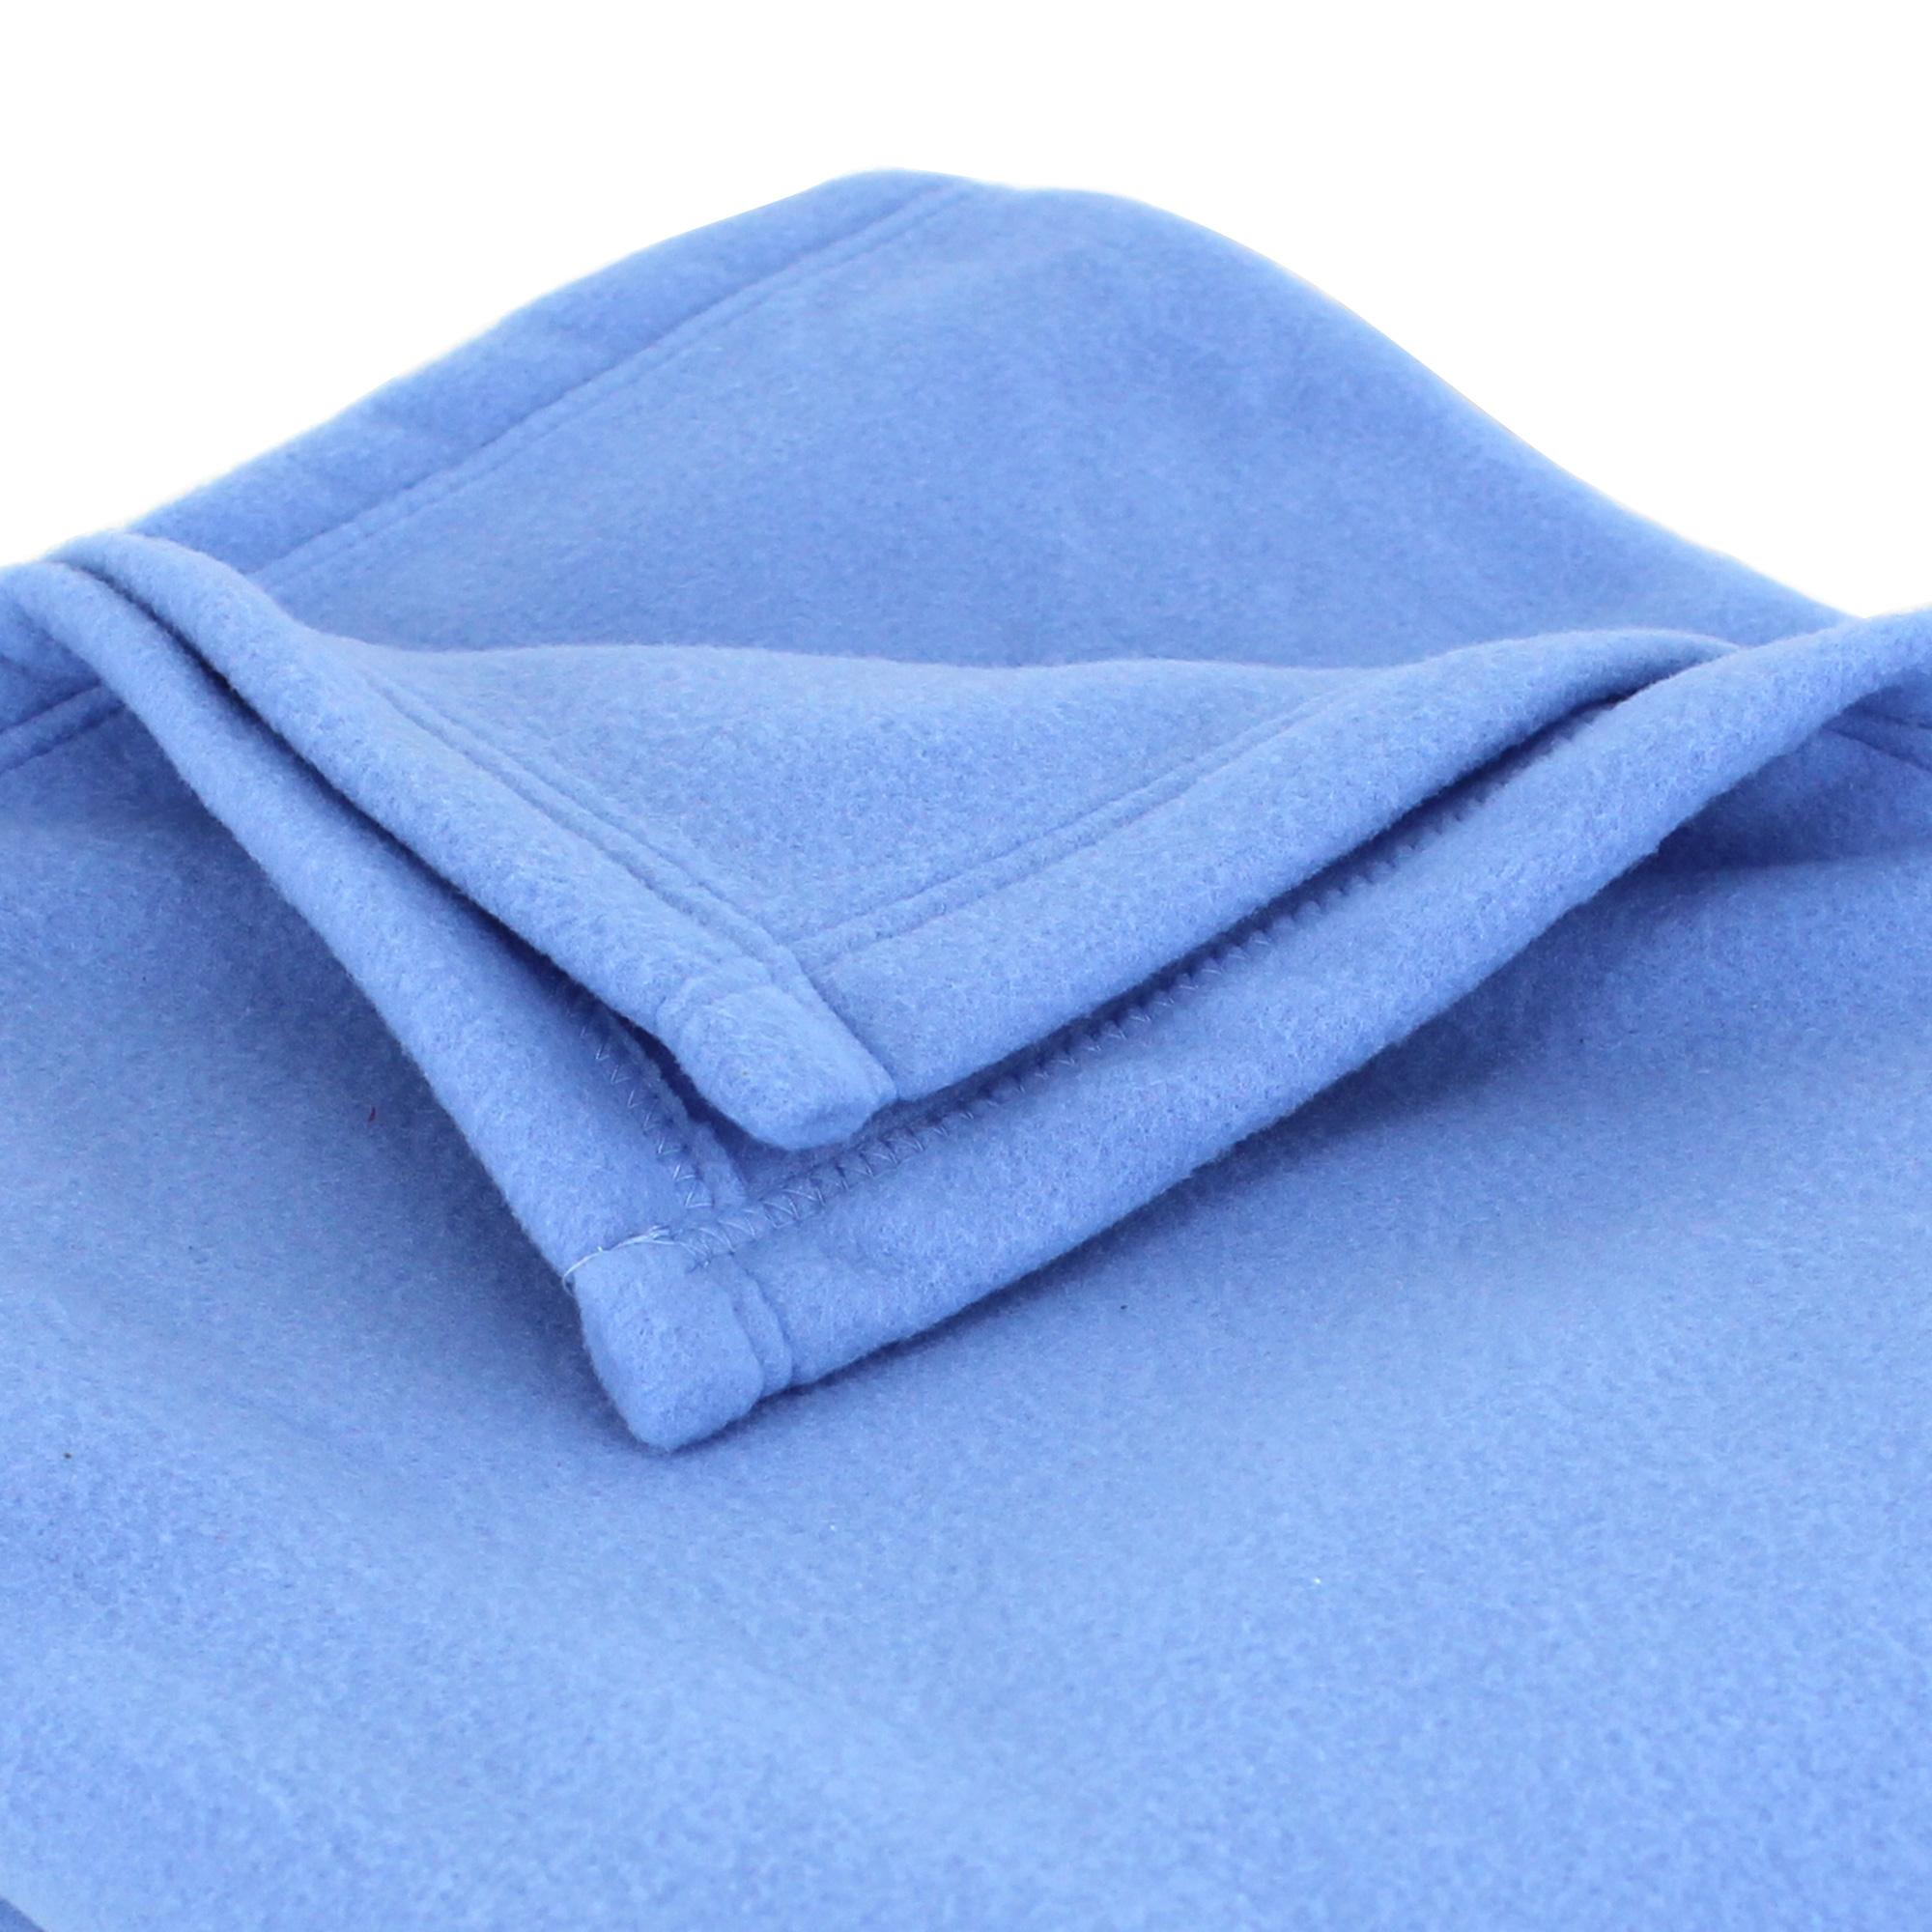 couverture polaire polyester 220x240 cm teddy azur linnea linge de maison et. Black Bedroom Furniture Sets. Home Design Ideas